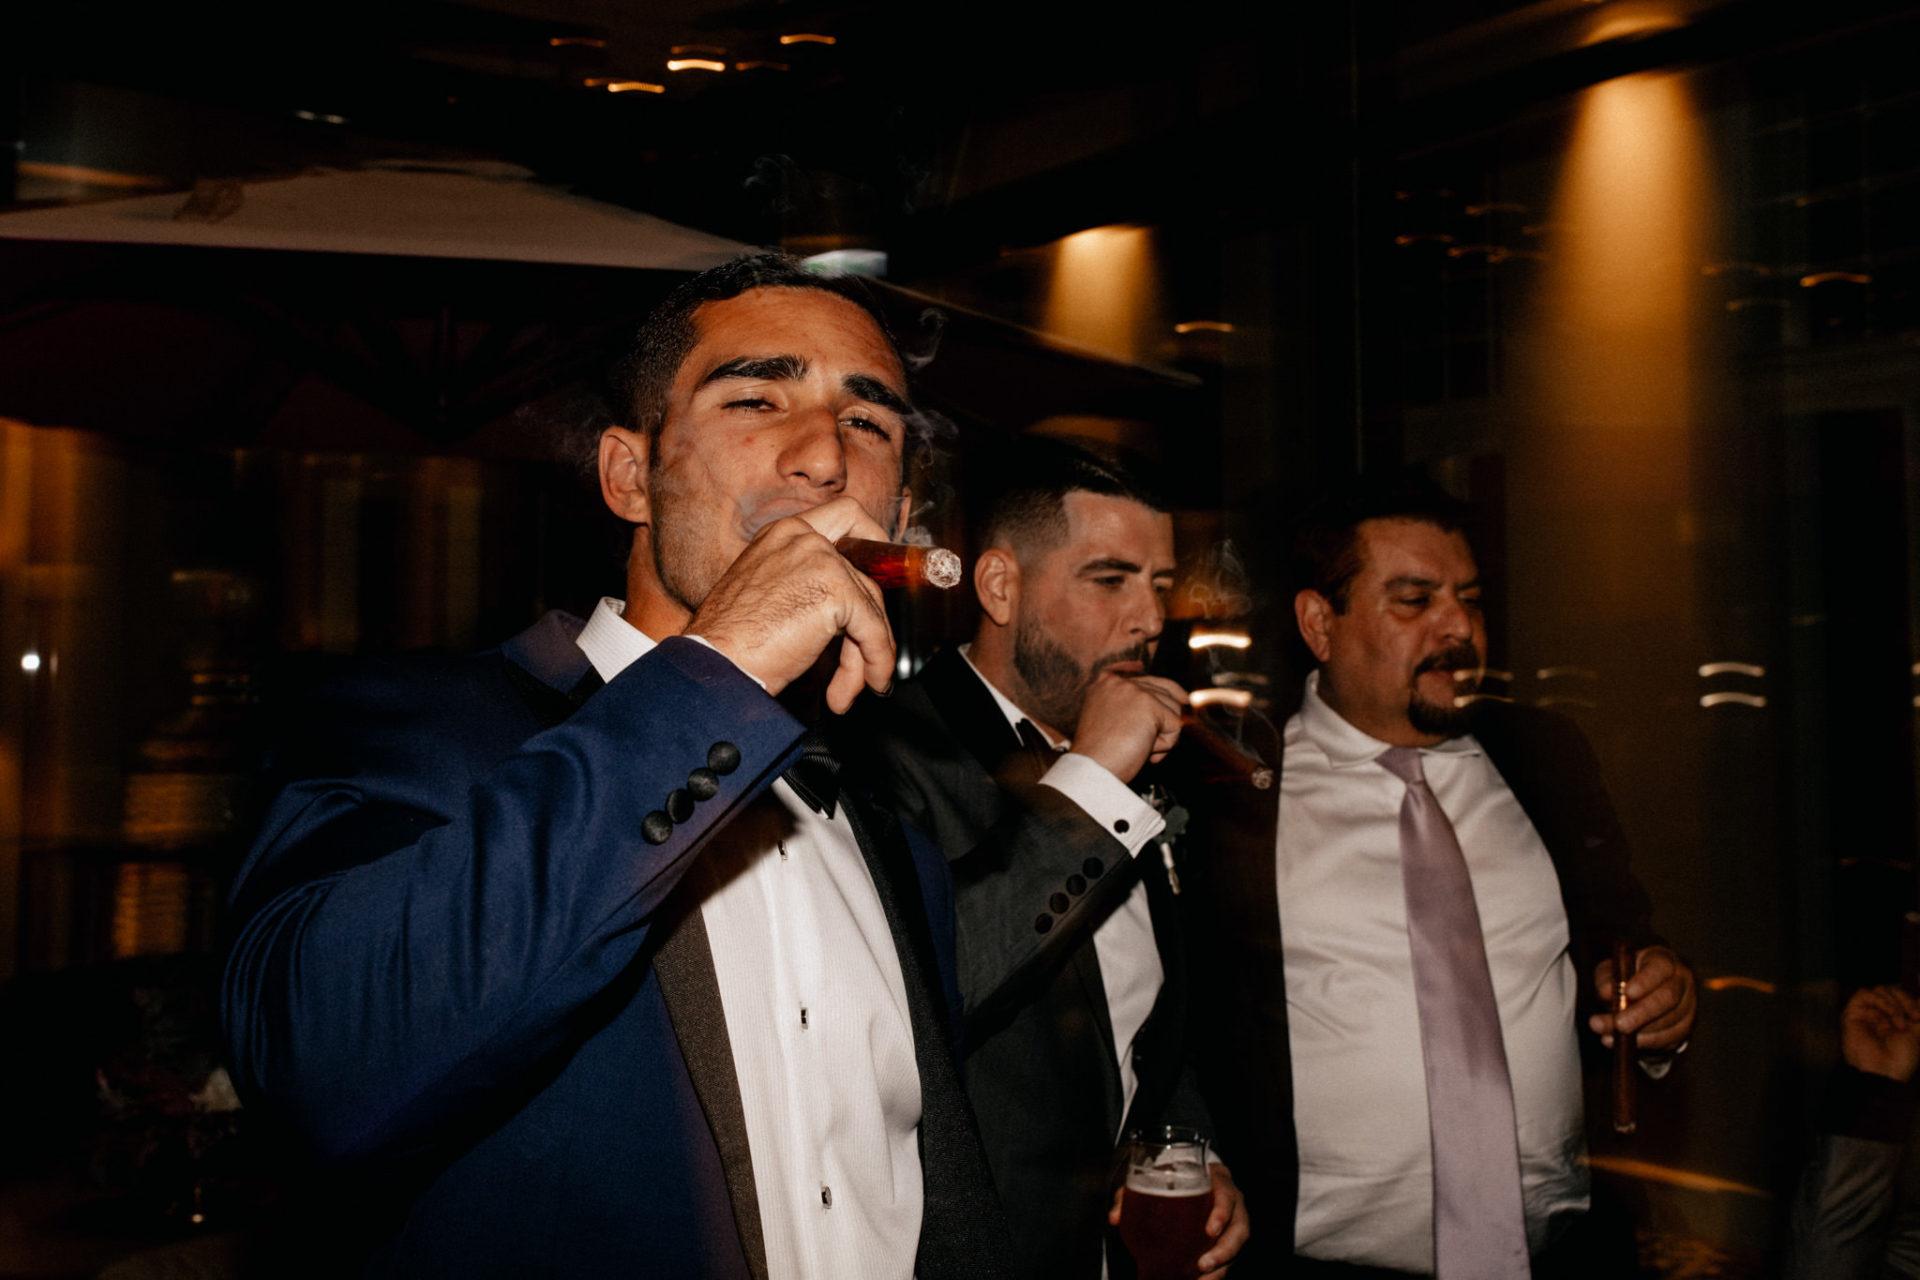 dokumentarische Hochzeitsfotografie-hochzeitsfotograf hotel am steinplatt berlin-ungestellte Portraits-glamuroese Hochzeit-dresscode-elegante braut-kubanische Hochzeit